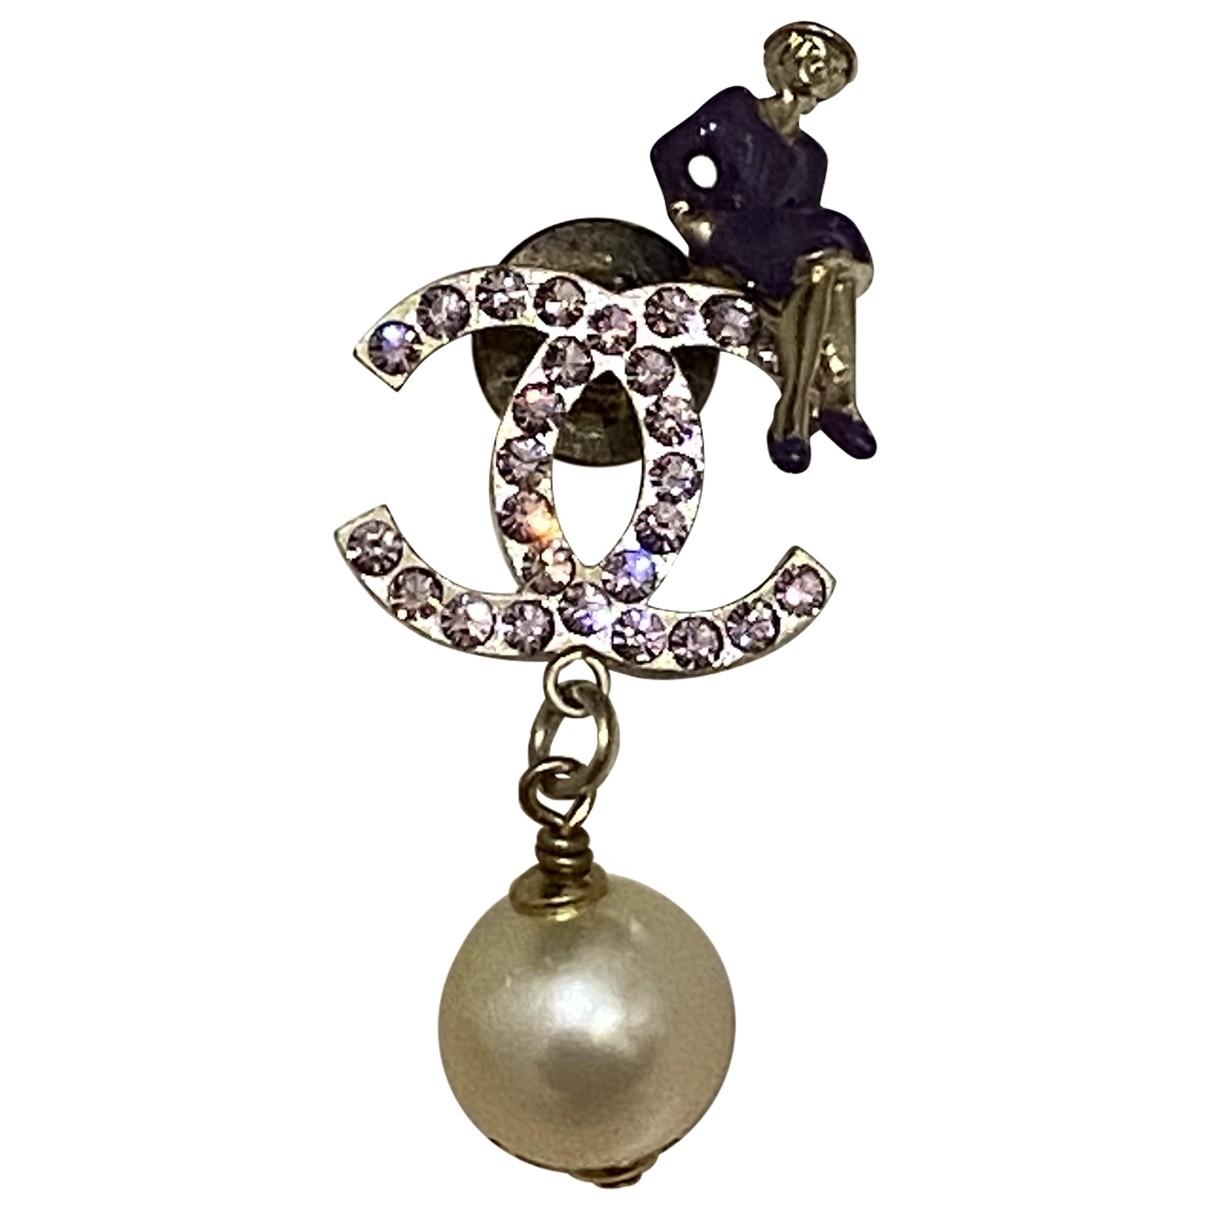 Broche CC en Metal Violeta Chanel